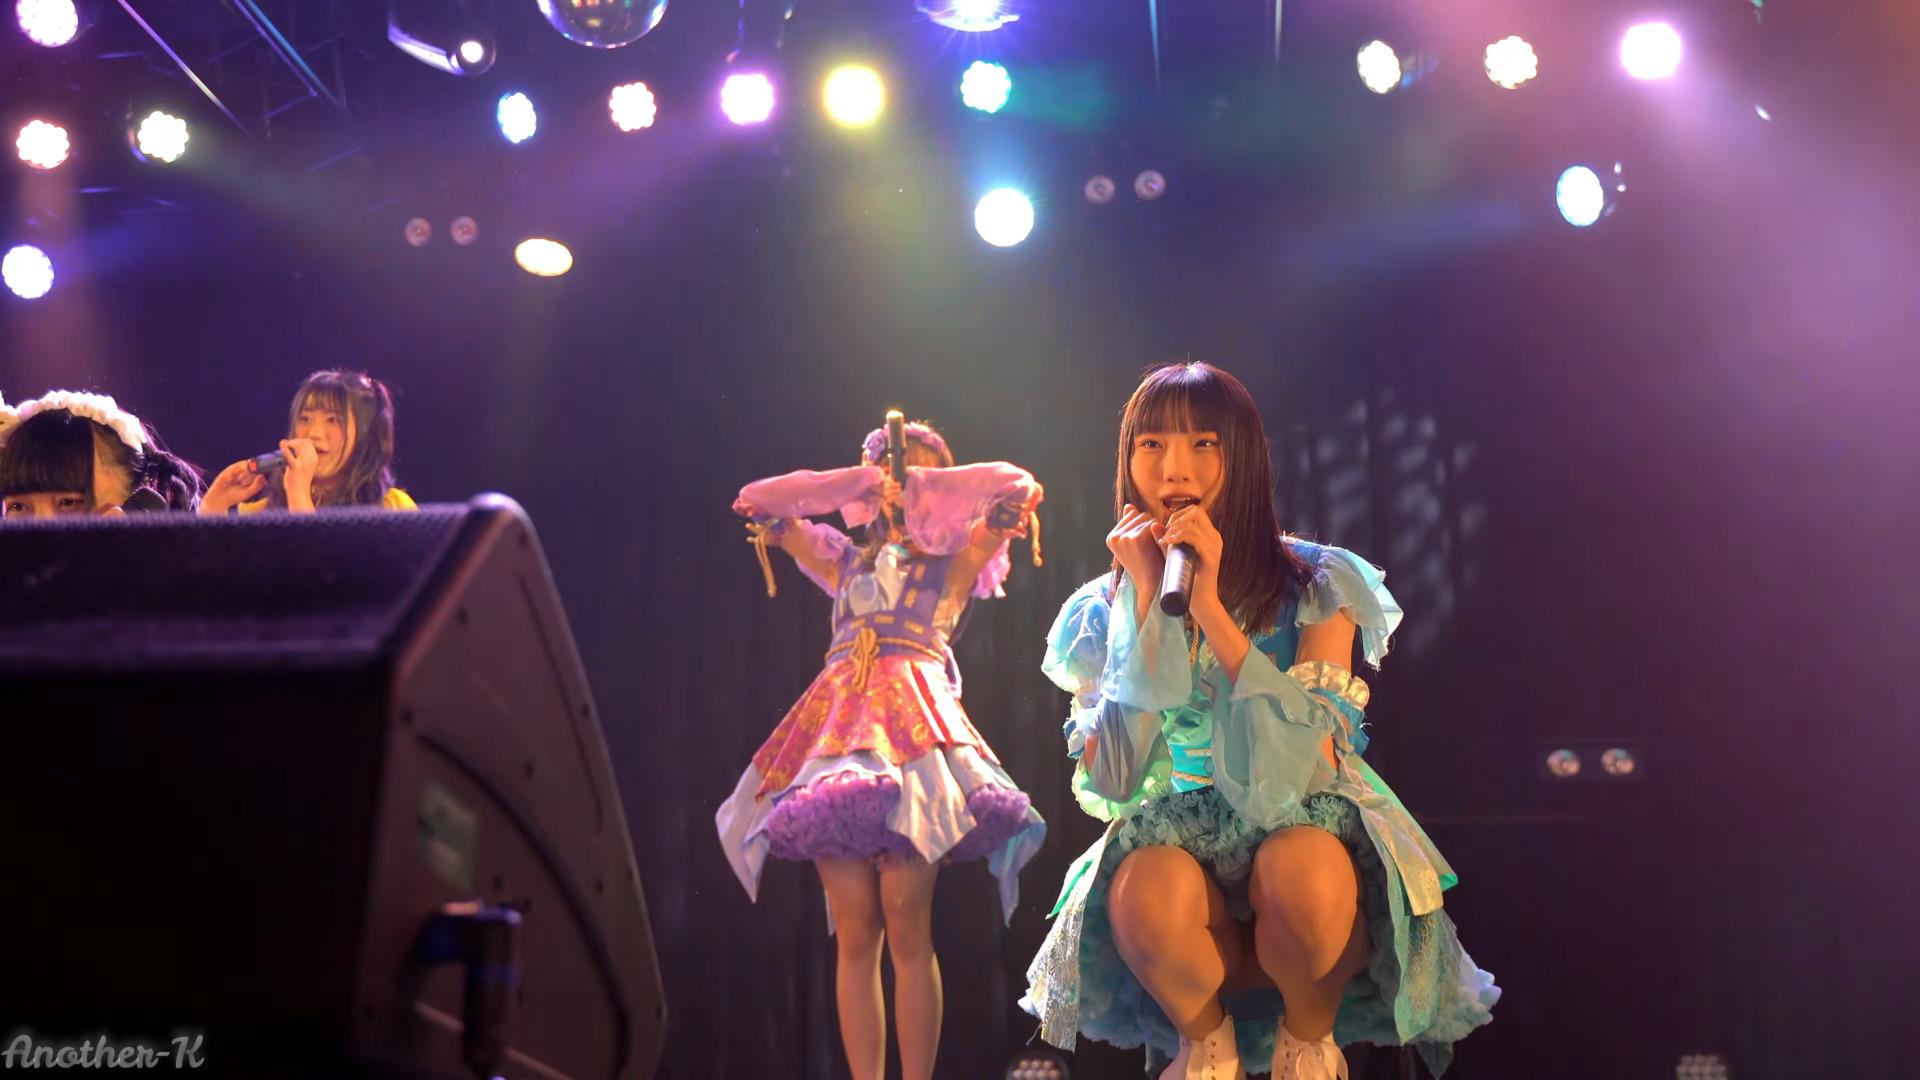 天照/横浜1000CLUB(2021.02.23)【4K】① 02:09